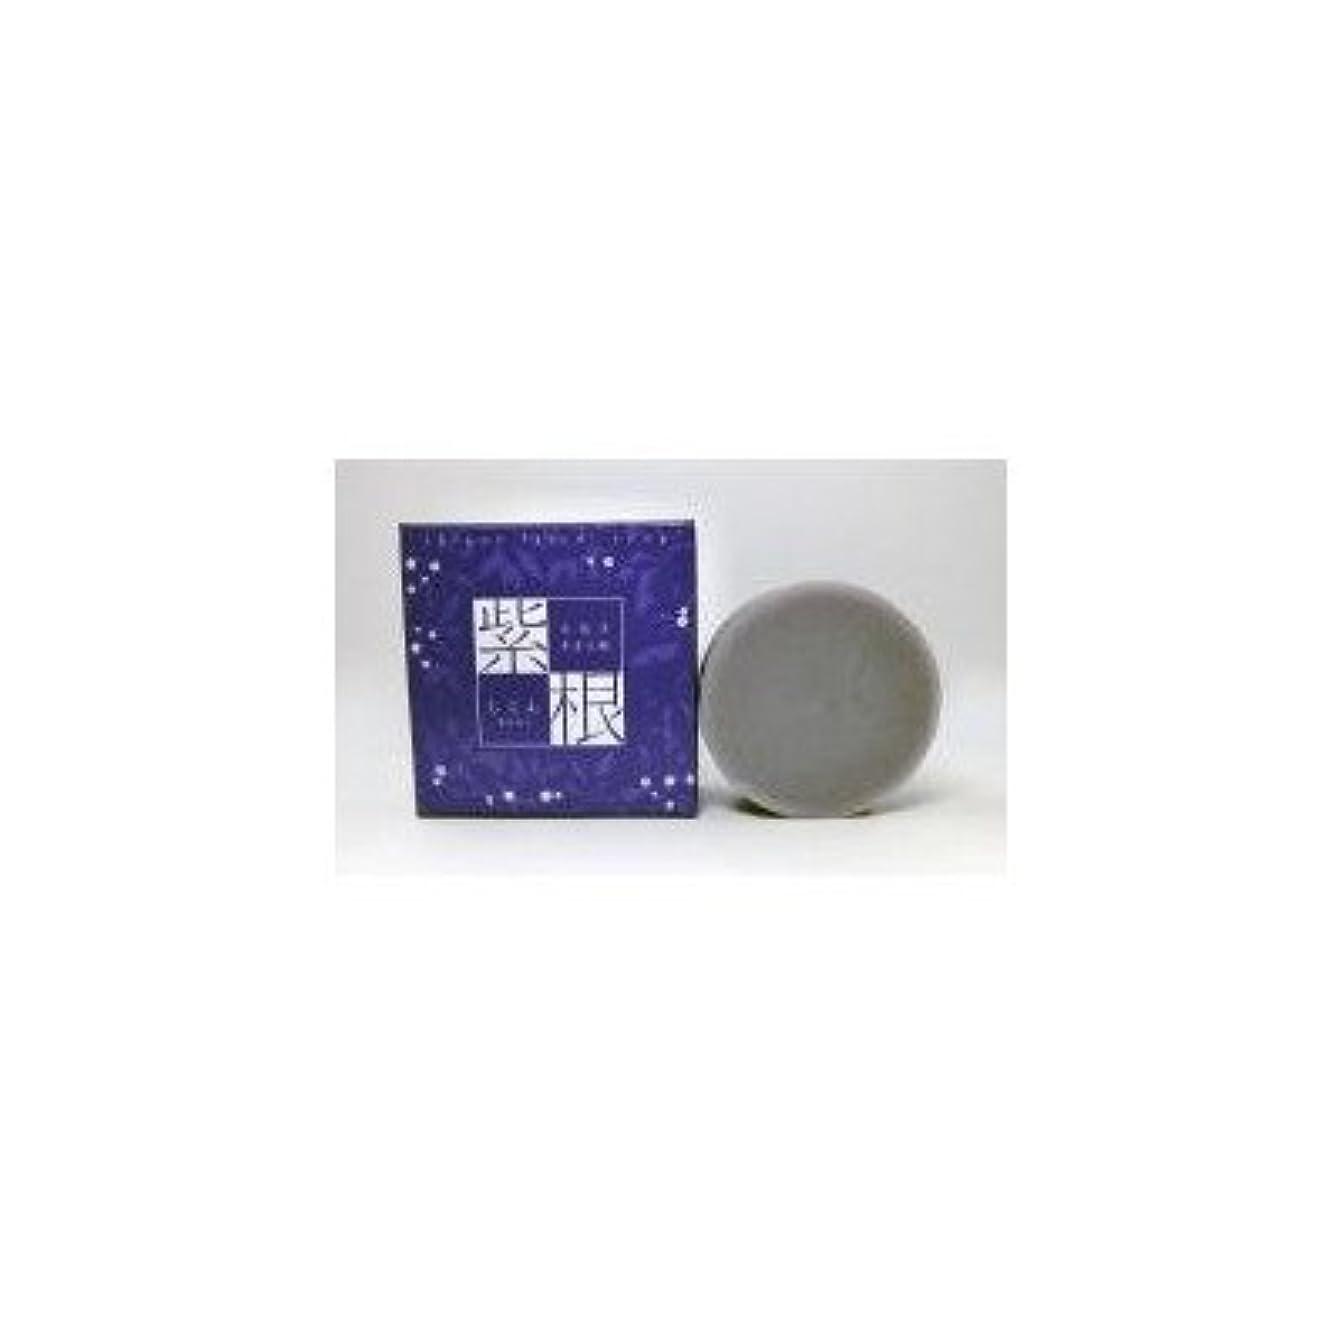 範囲またね乏しい紫根石鹸 100g×5個セット